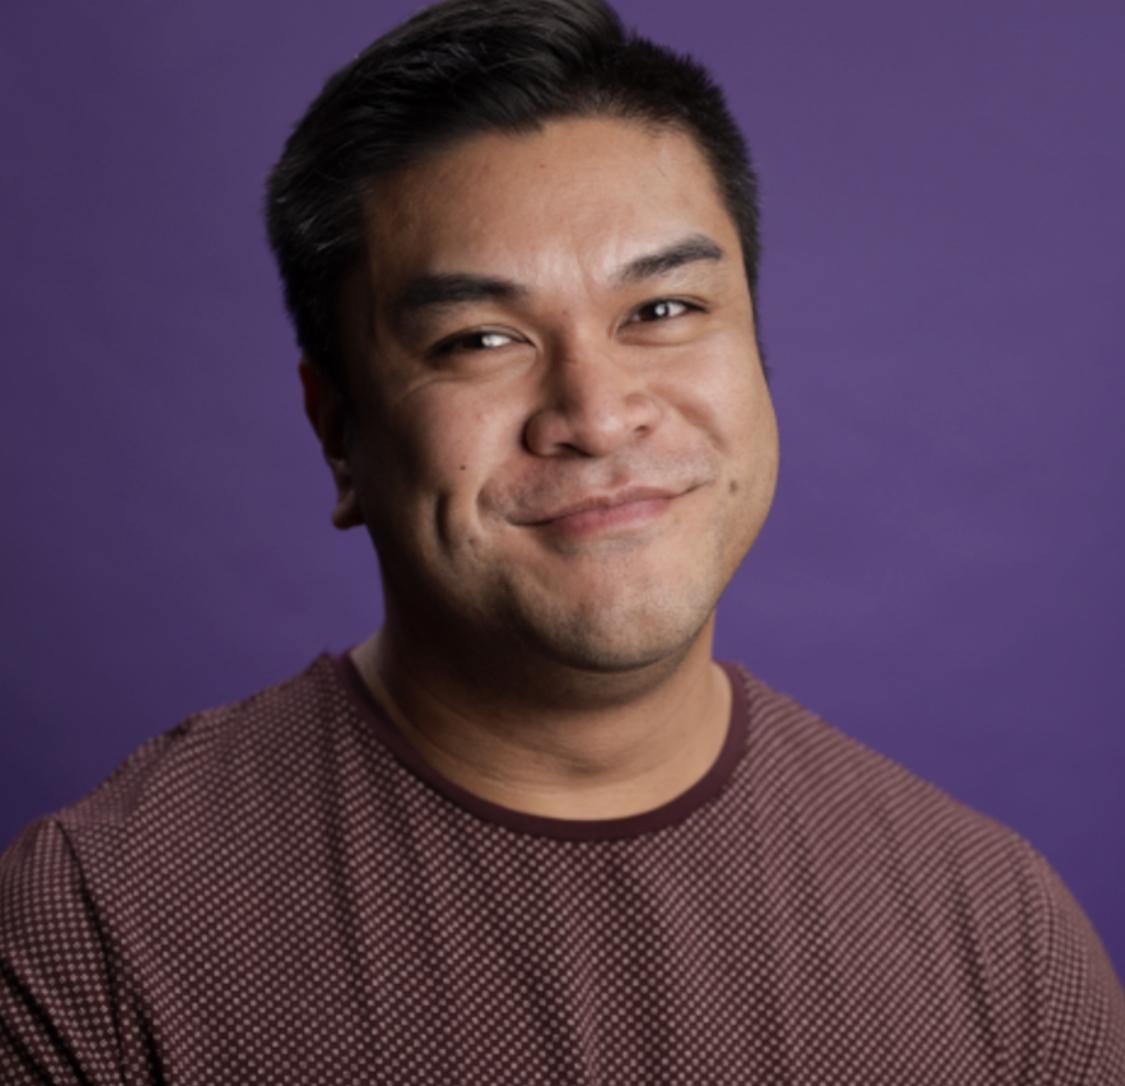 Kristian Dela Cruz